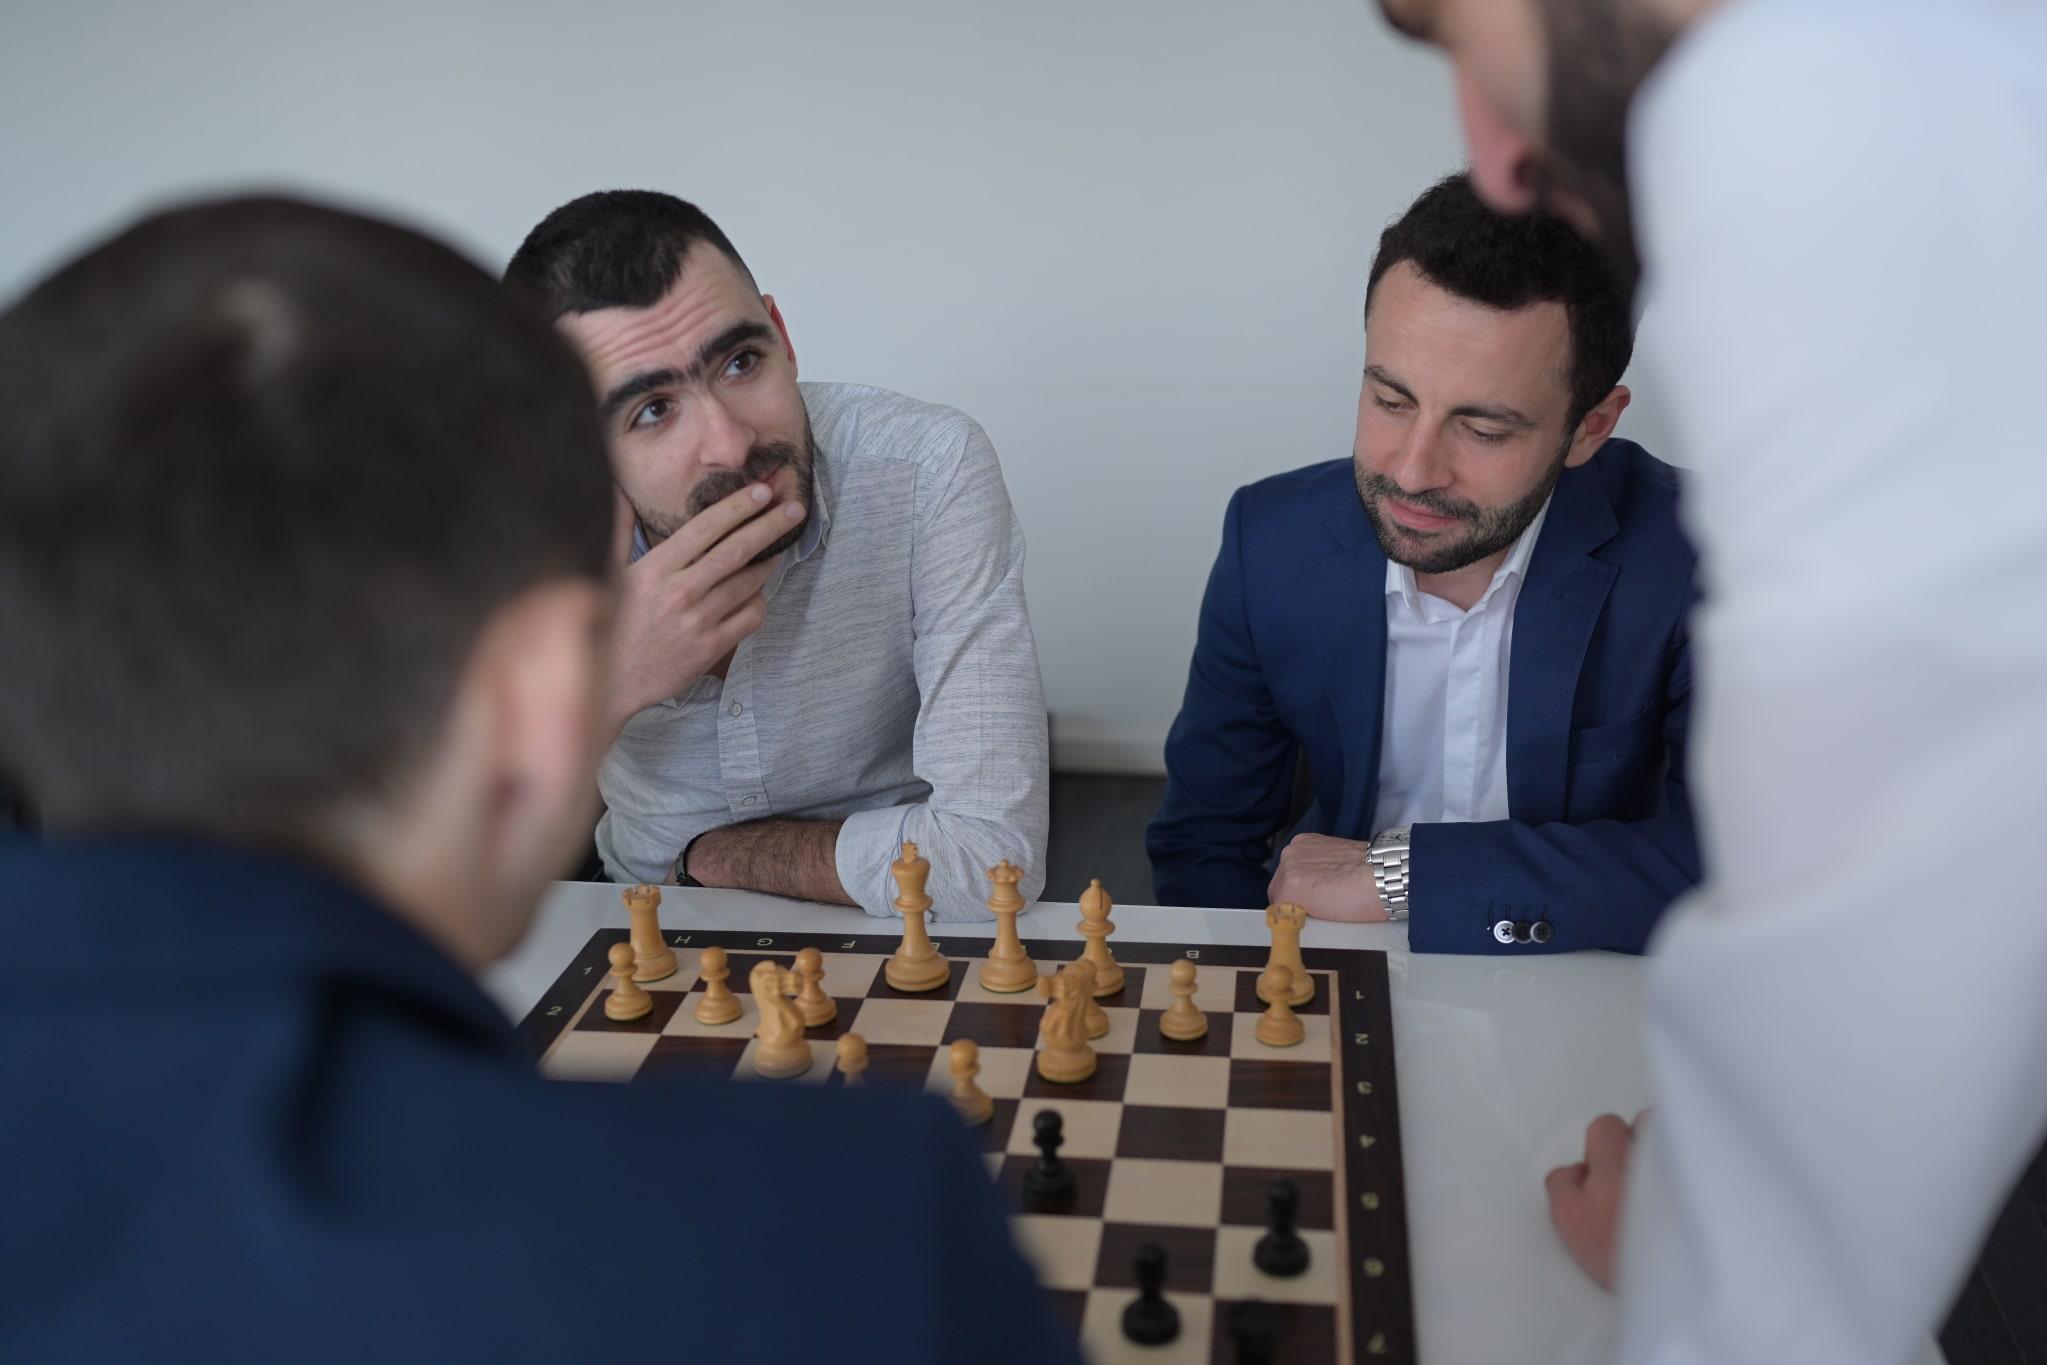 Chess Grandmasters